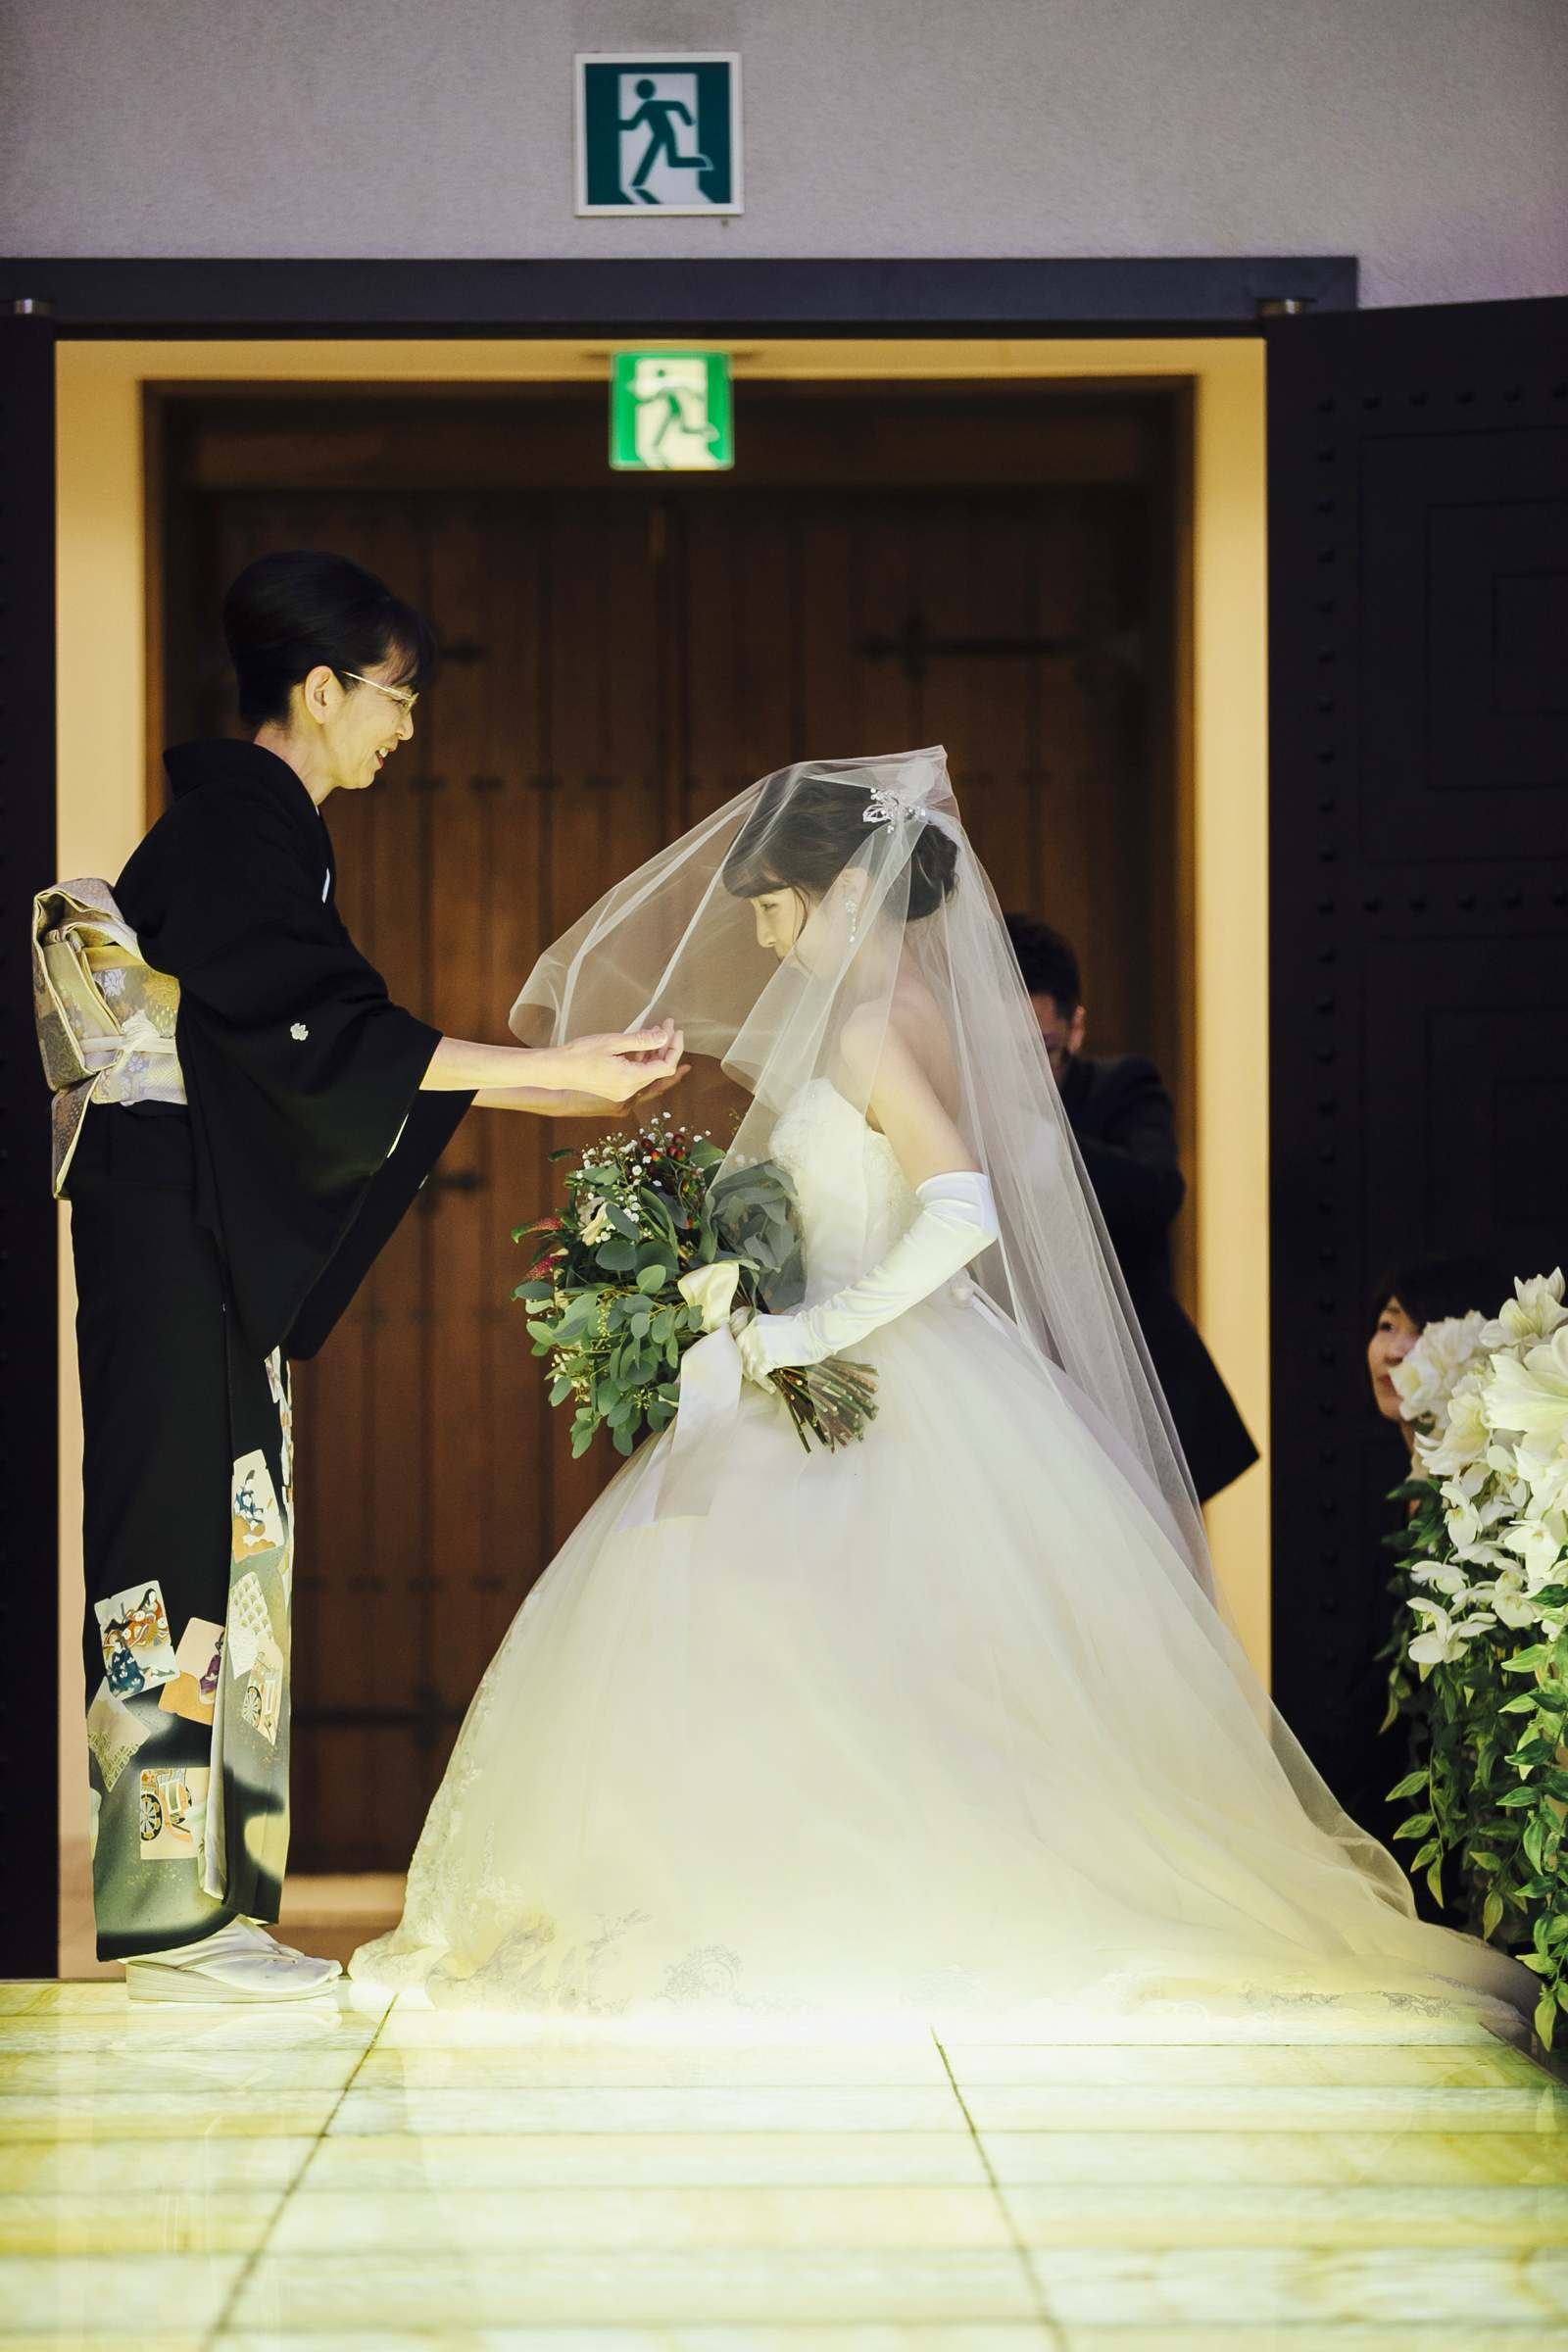 香川県の結婚式場シェルエメール&アイスタイルのベールダウン